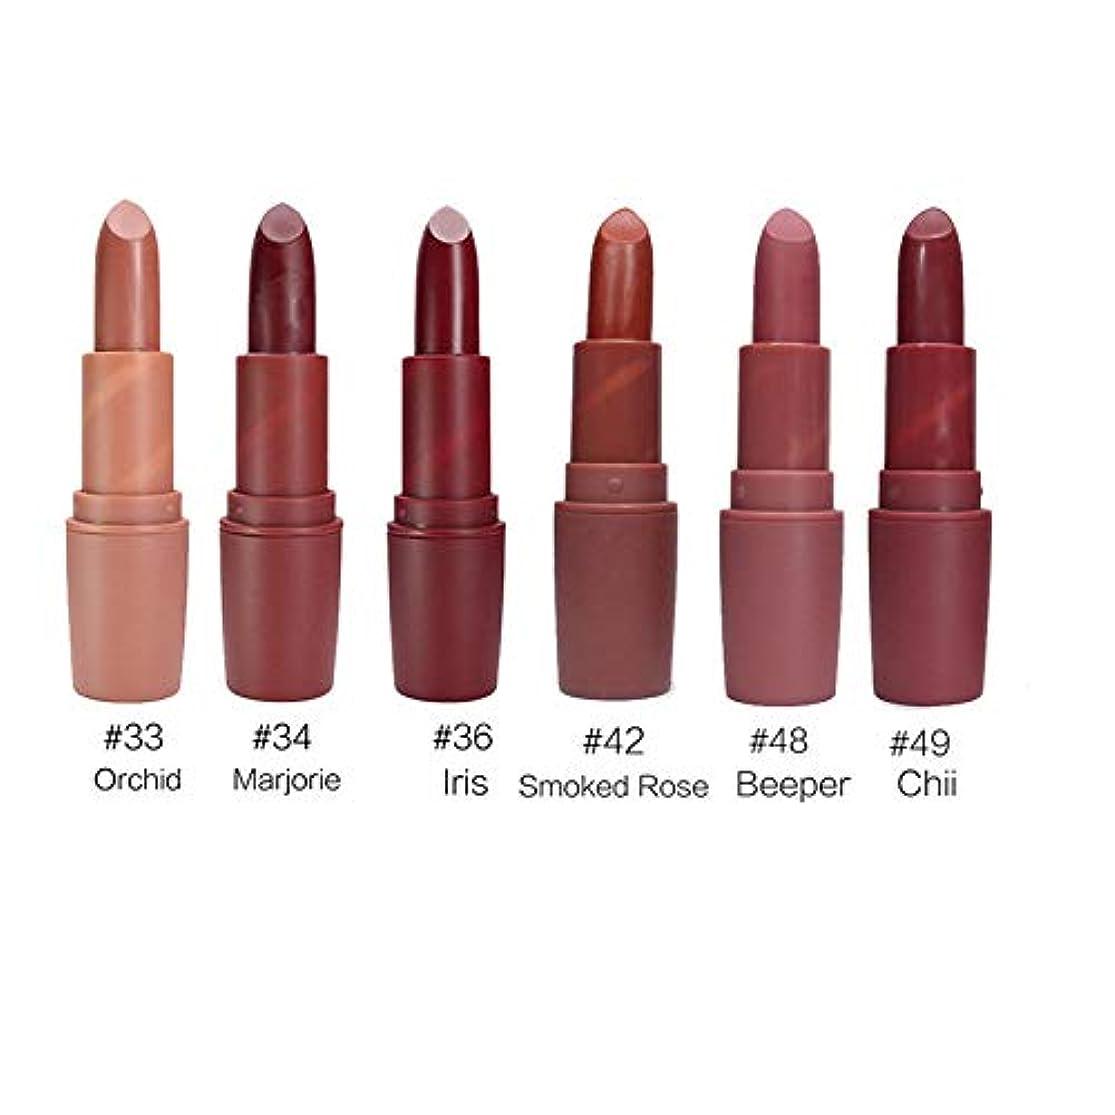 論争の的最愛のシャッフル6 ピース/セット口紅長期的な防水マットベルベット口紅メイク化粧品の新到着美容メイクアップ口紅